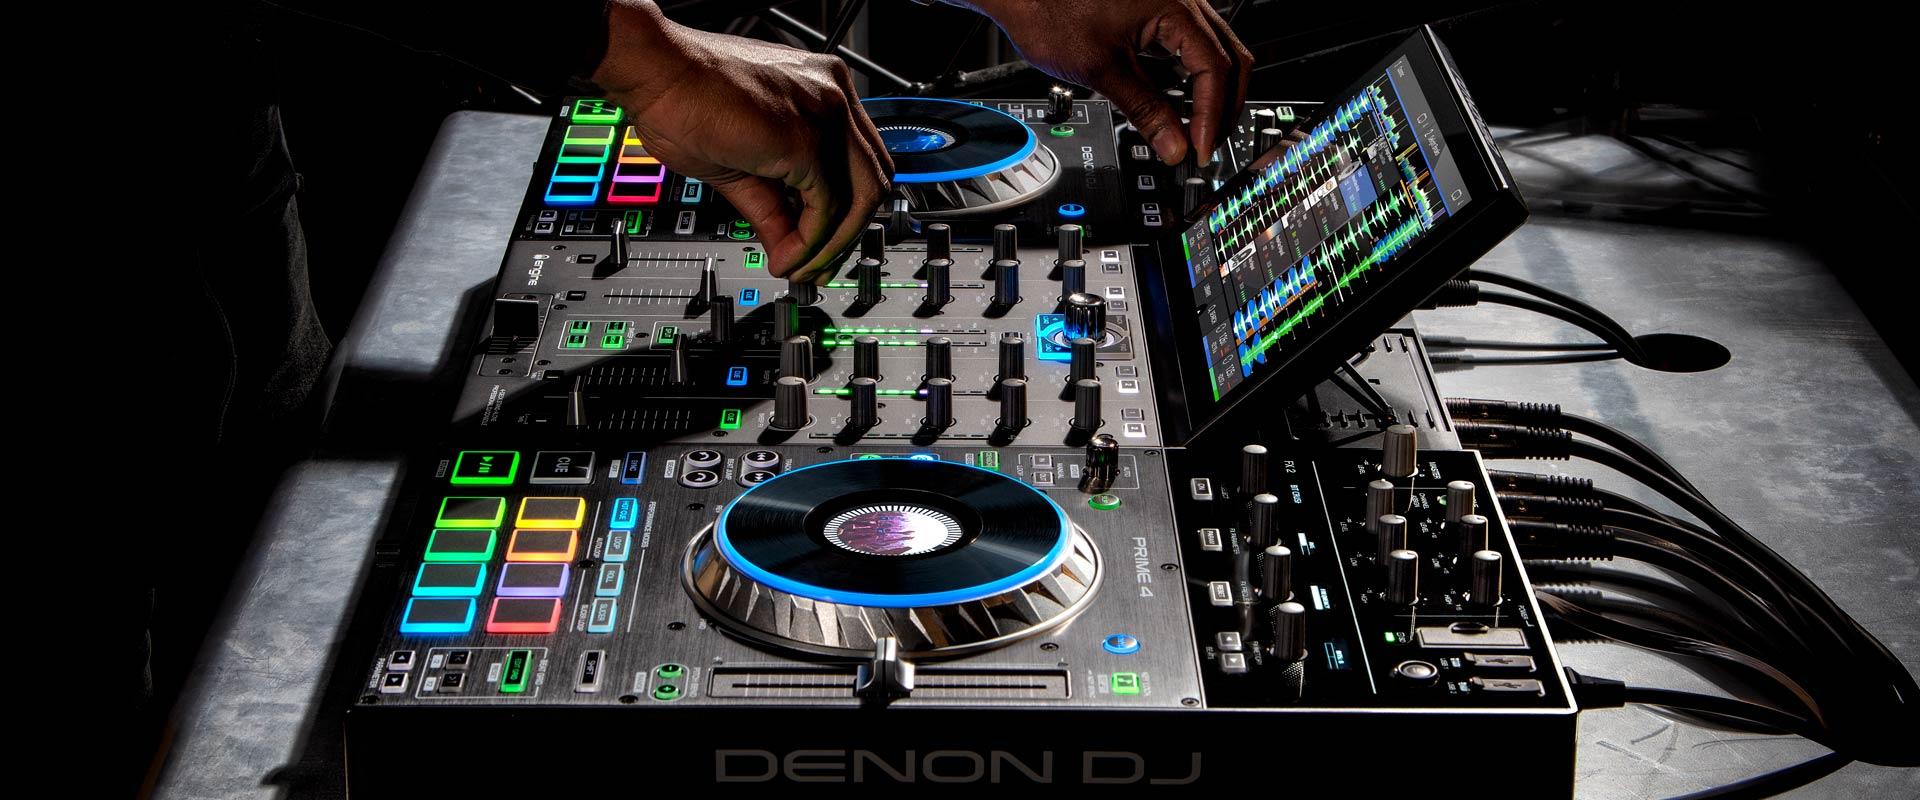 Denon DJ Prime 4 – Epic DJ System & Review